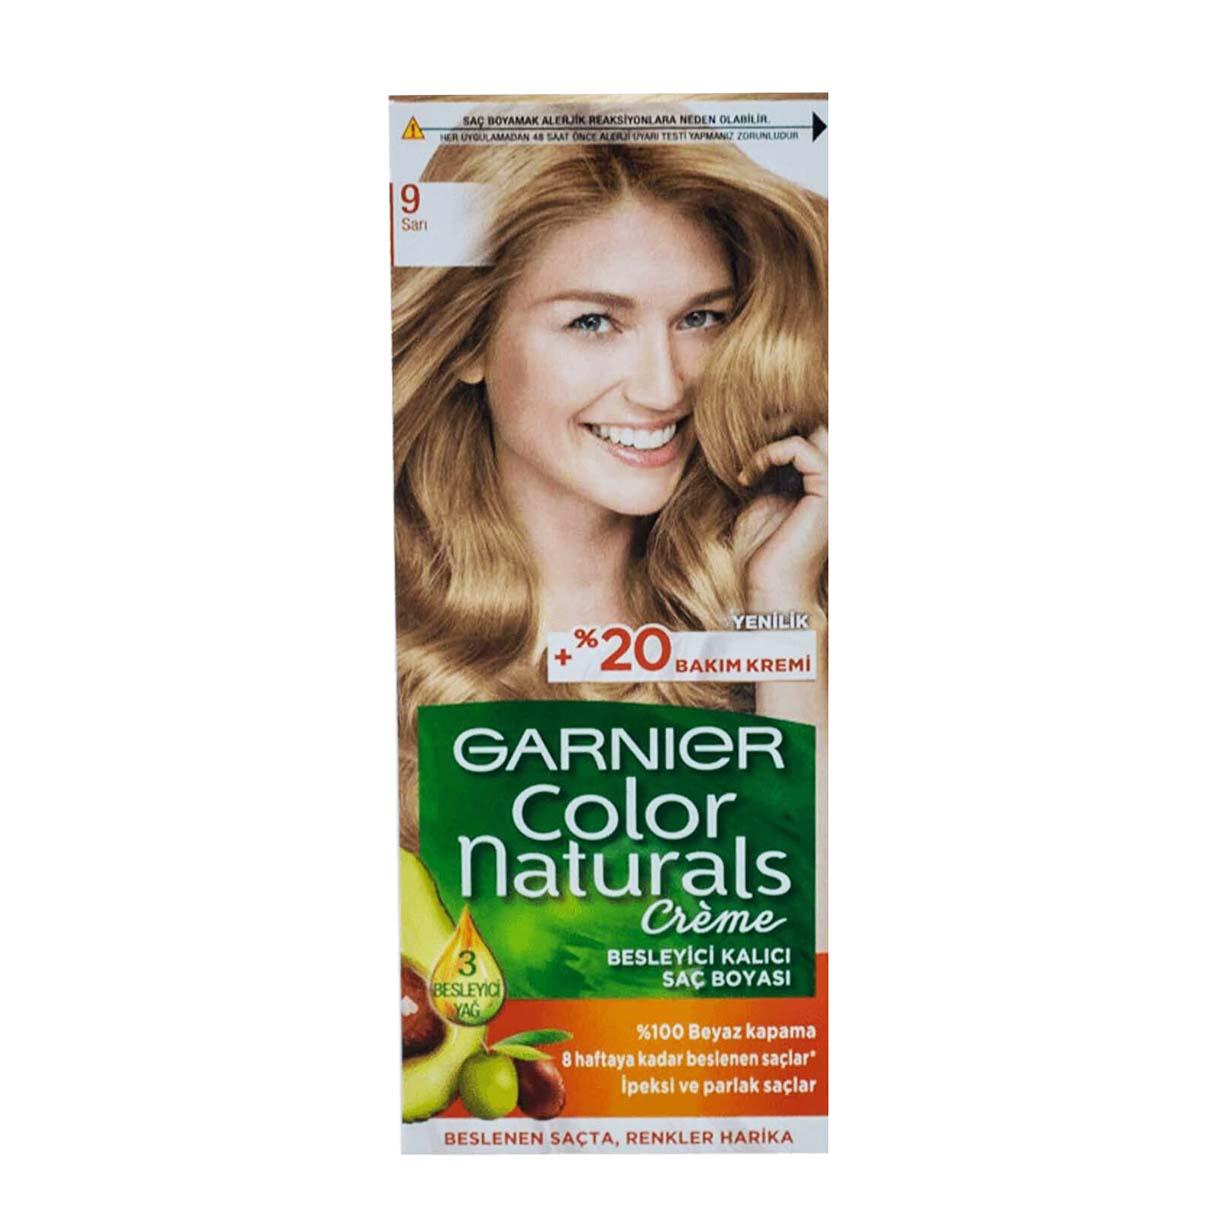 کیت رنگ مو گارنیر سری Color Naturals شماره 9